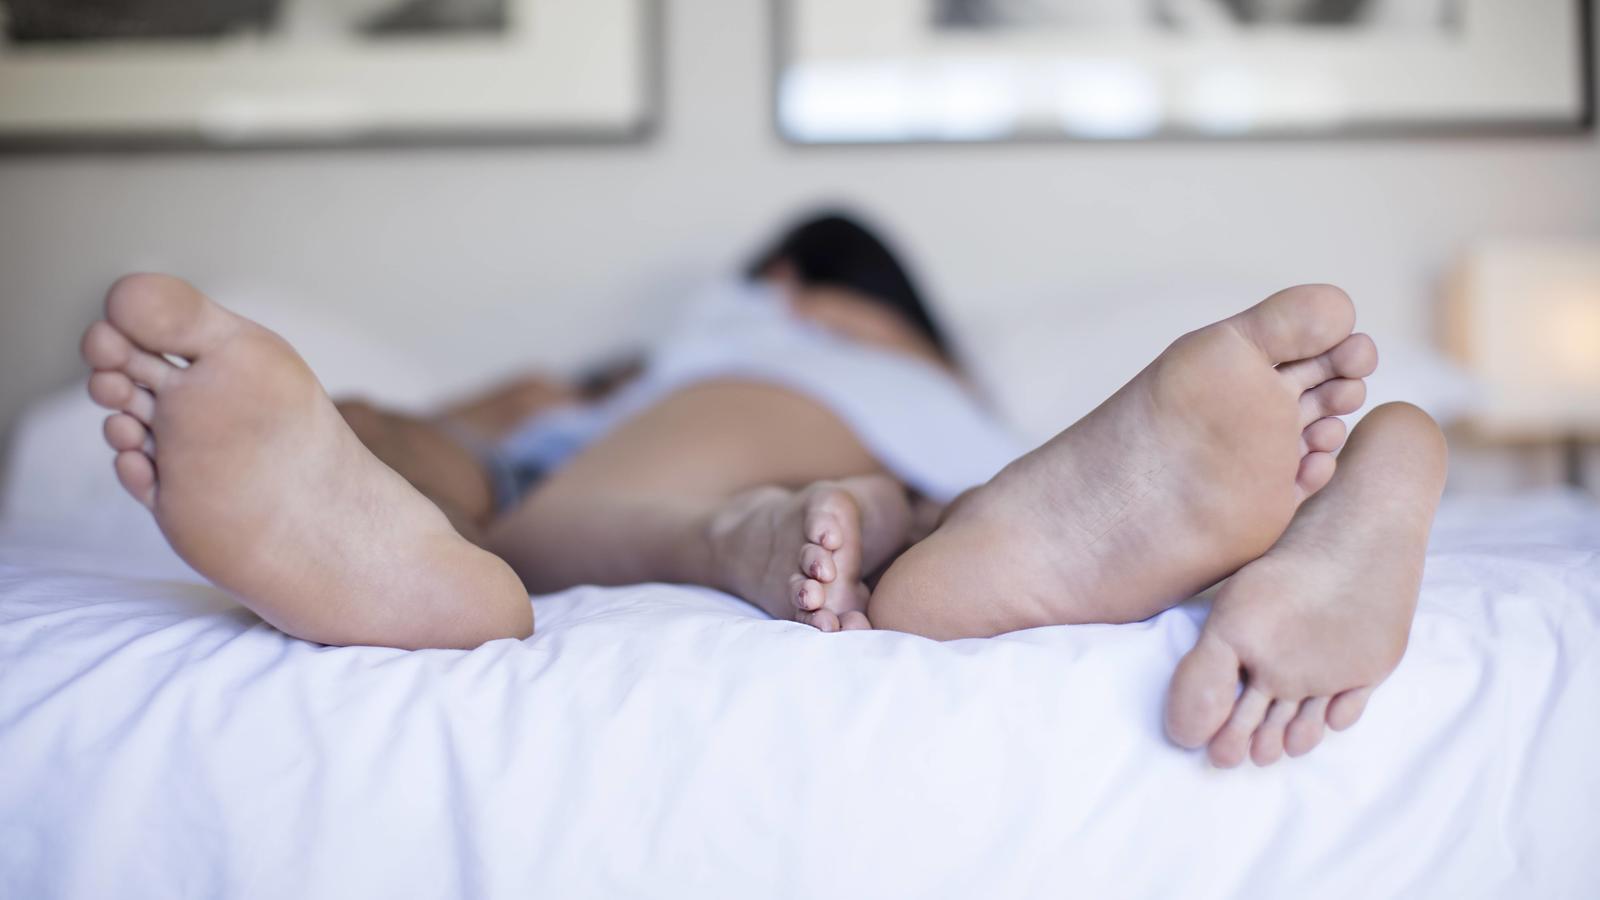 Kann Durch Oralsex Hiv Übertragen Werden